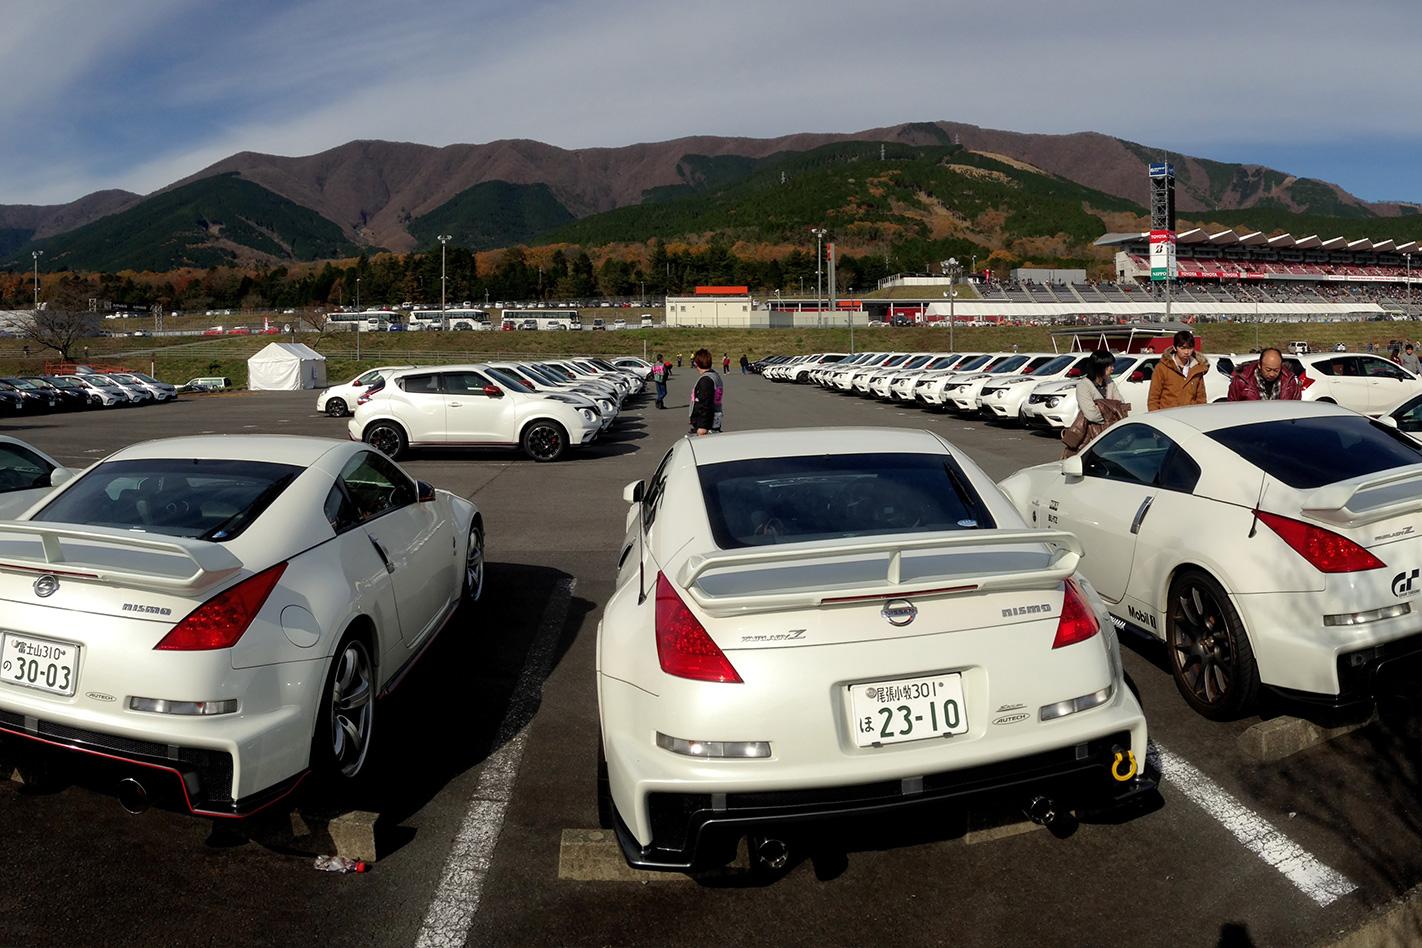 Nismo festival car park